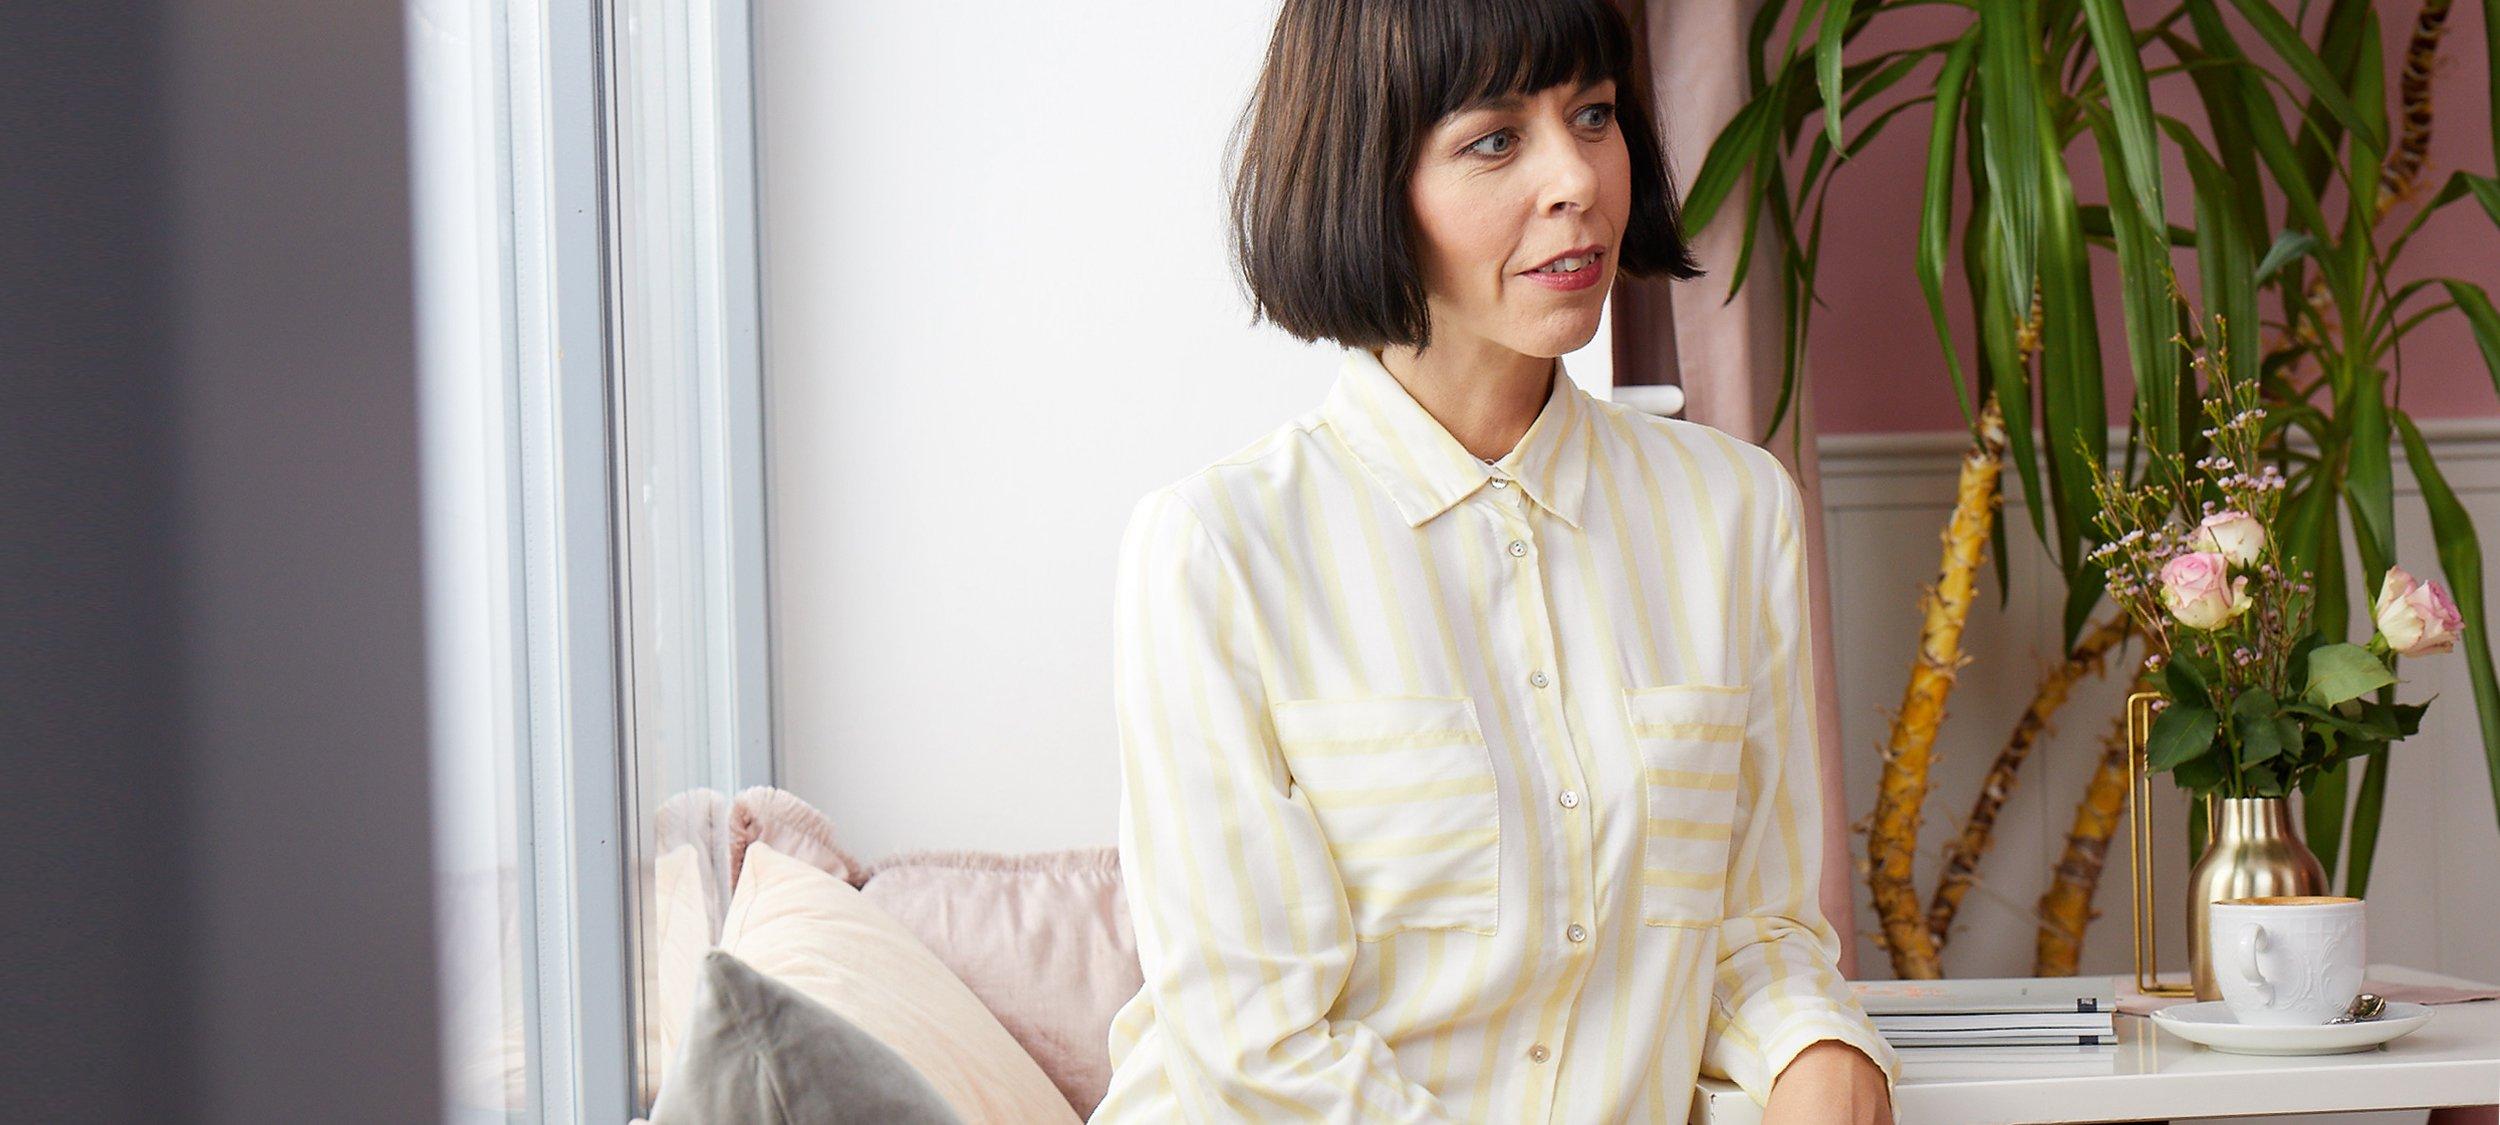 Stilfrage: Bianca Stäglich über Mode, Trends und Lieblingsteile